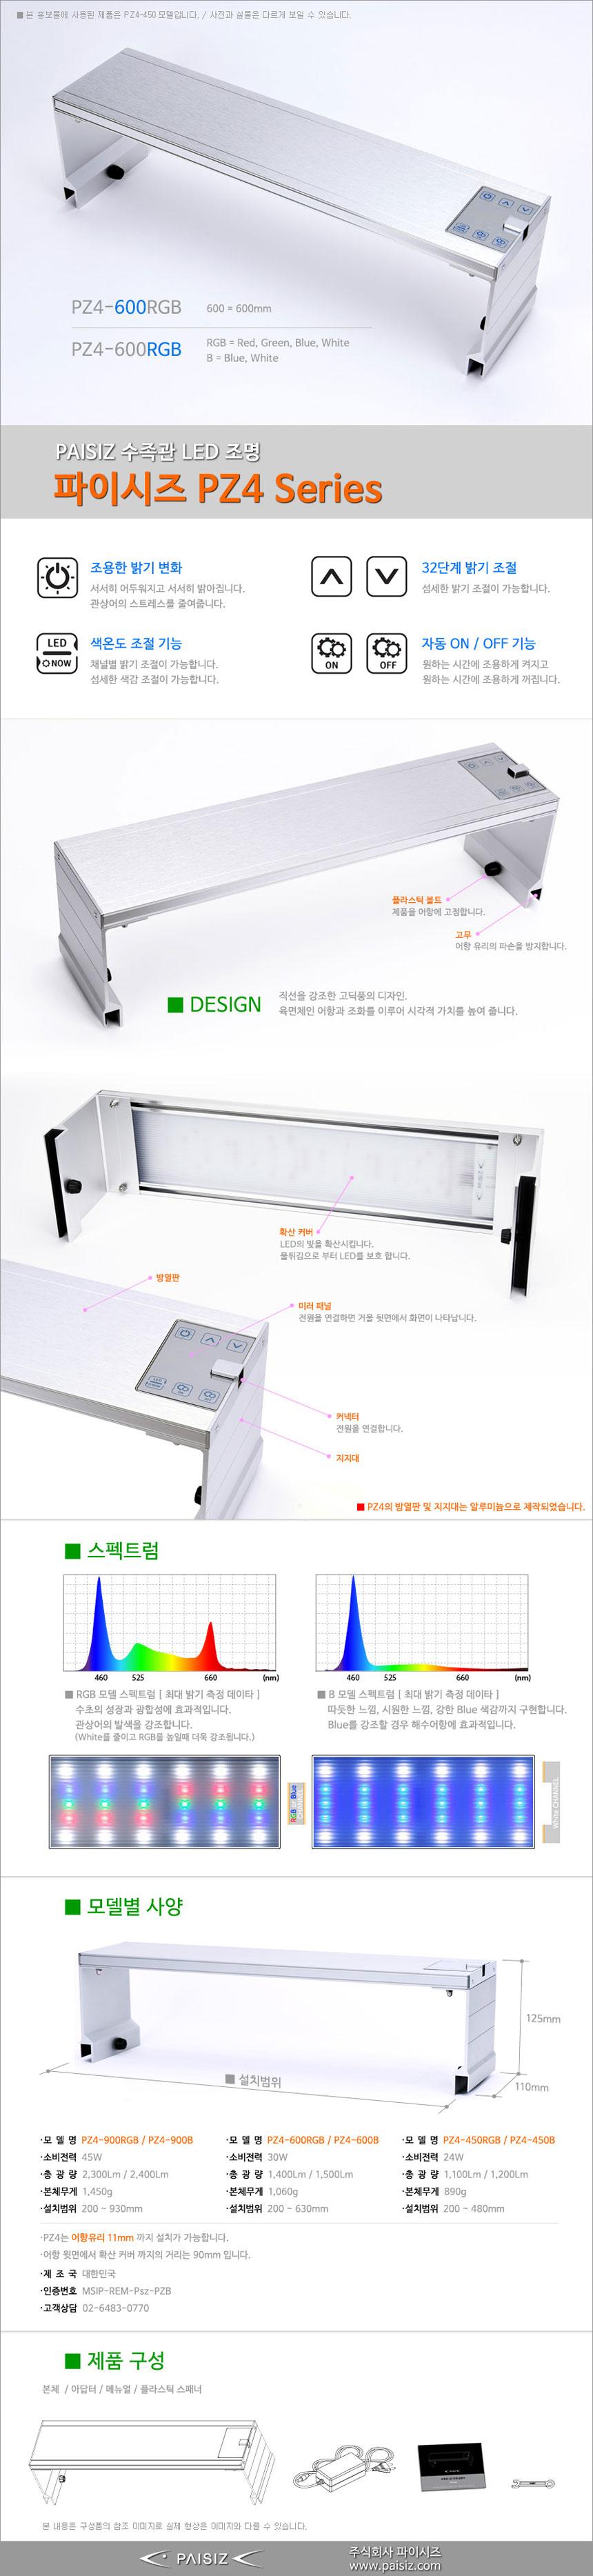 파이시즈 LED등커버 PZ4-450RGB 담수용 - 라라아쿠아, 132,000원, 부속품, 조명